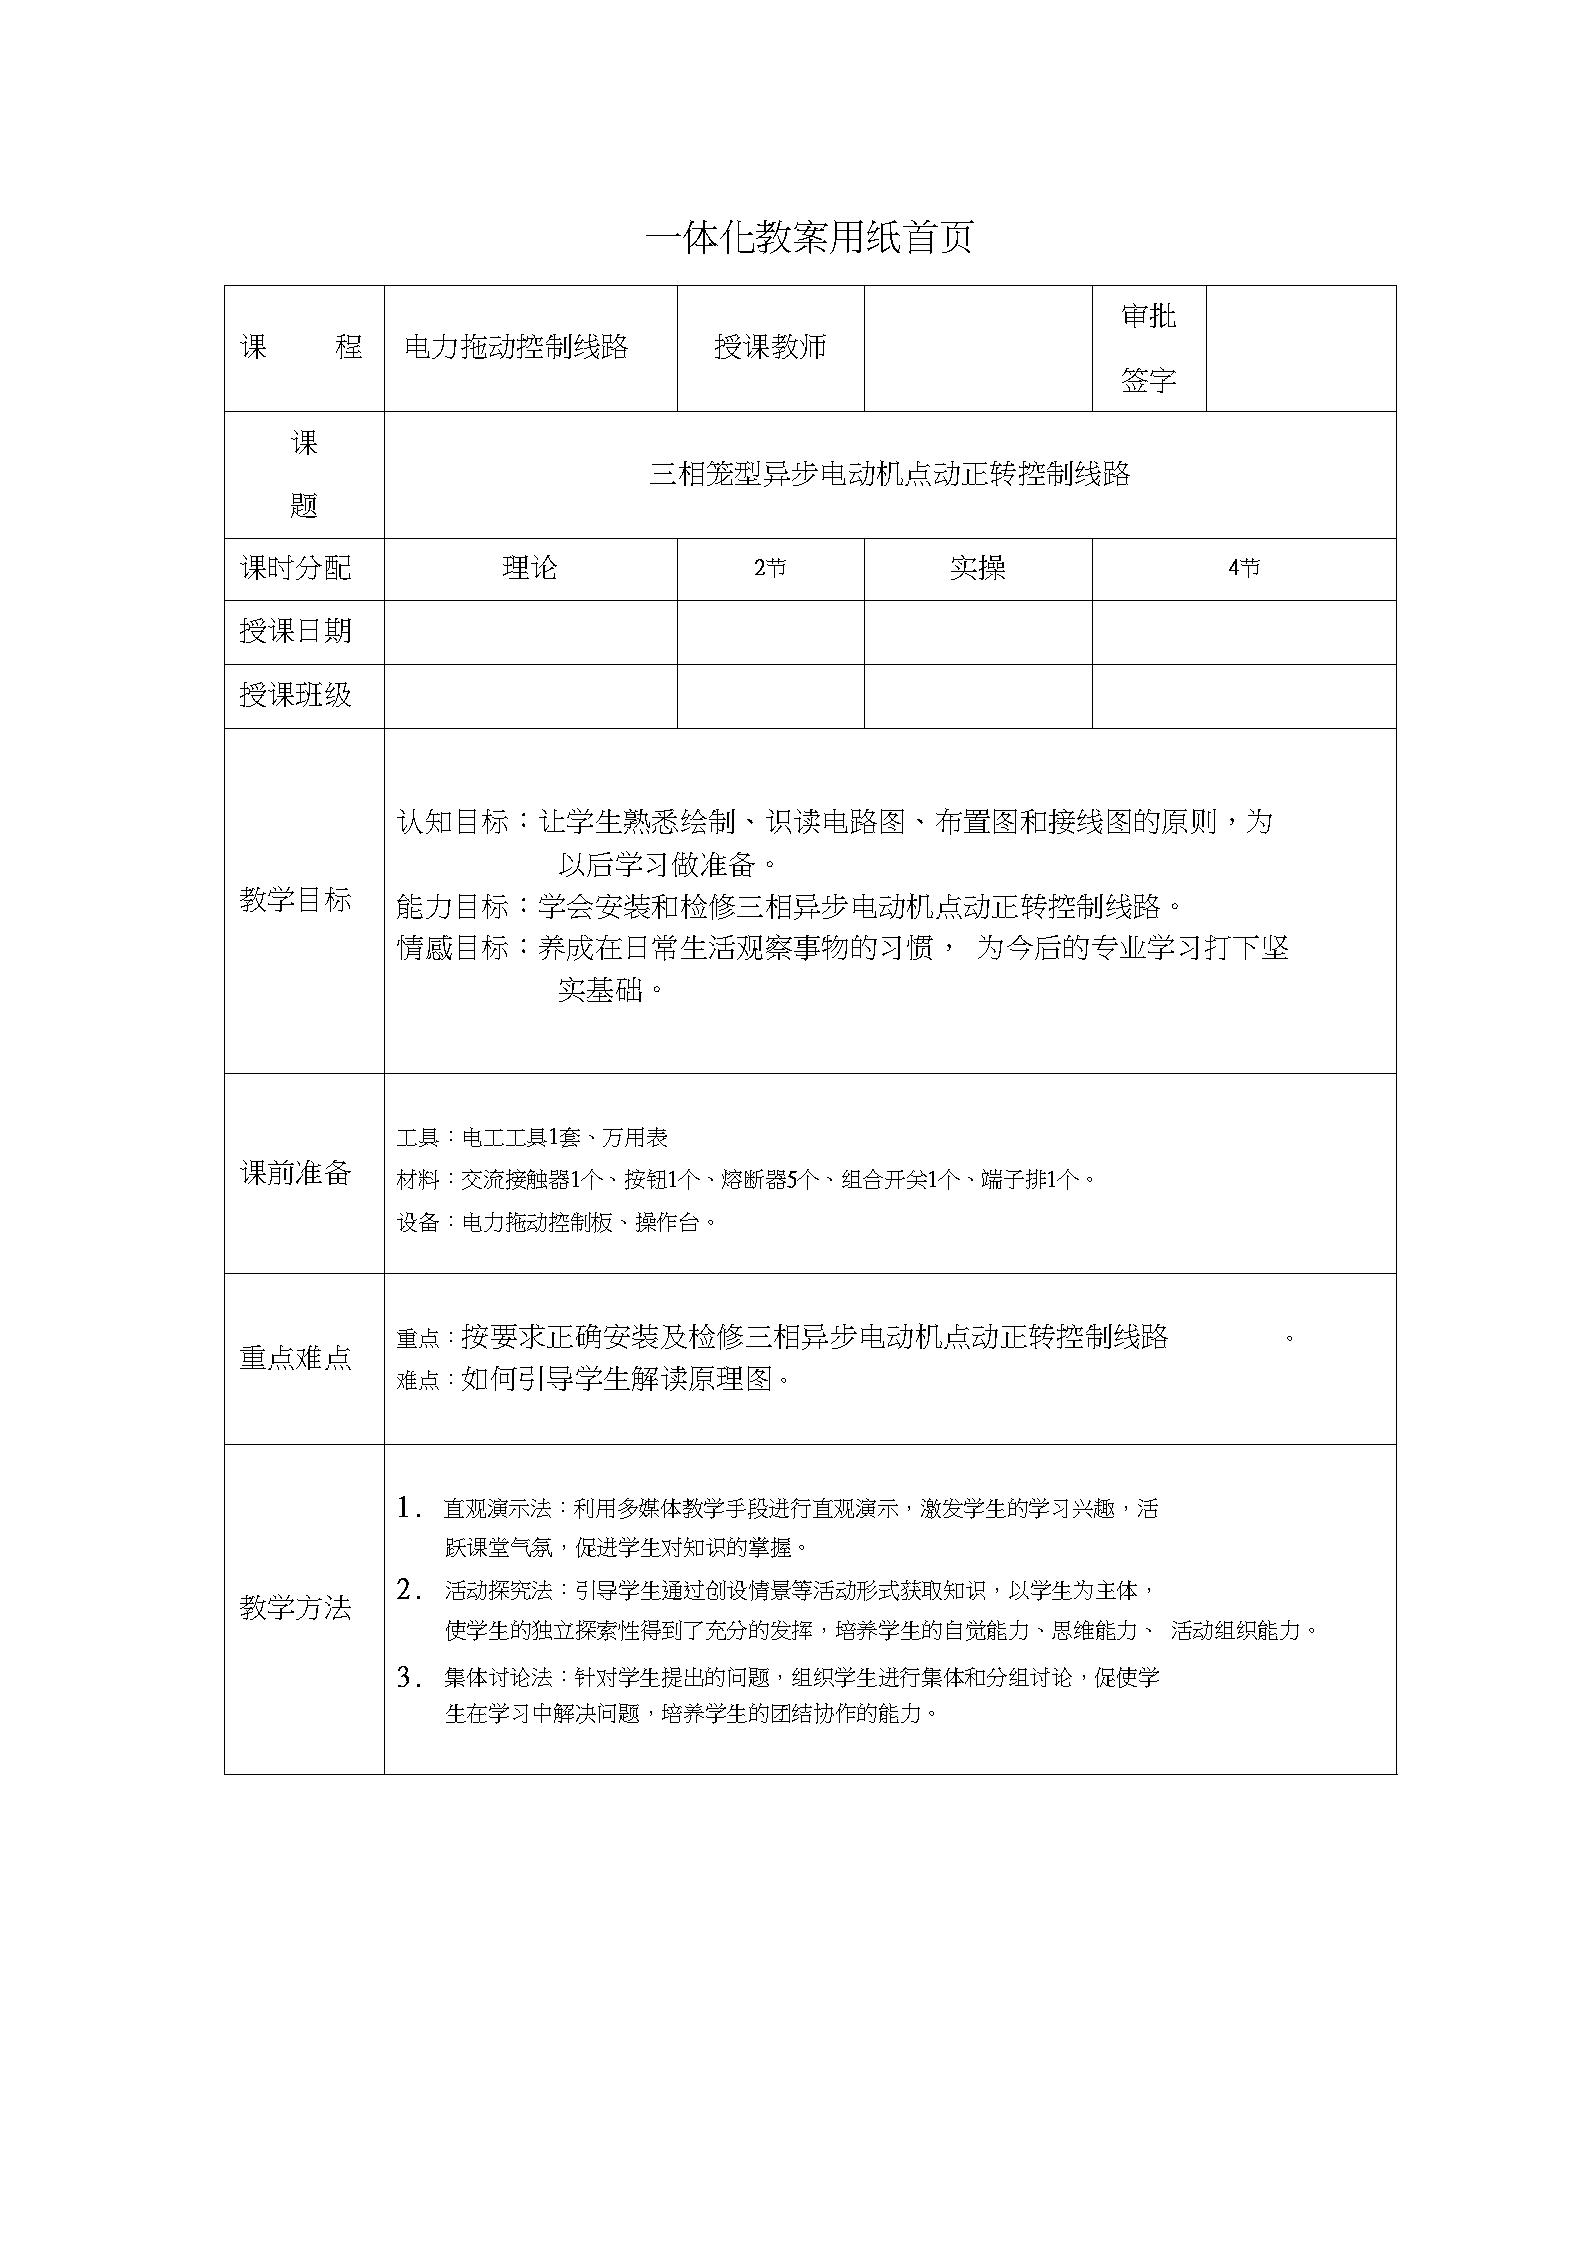 相笼型异步电动机点动控制线路教案.docx